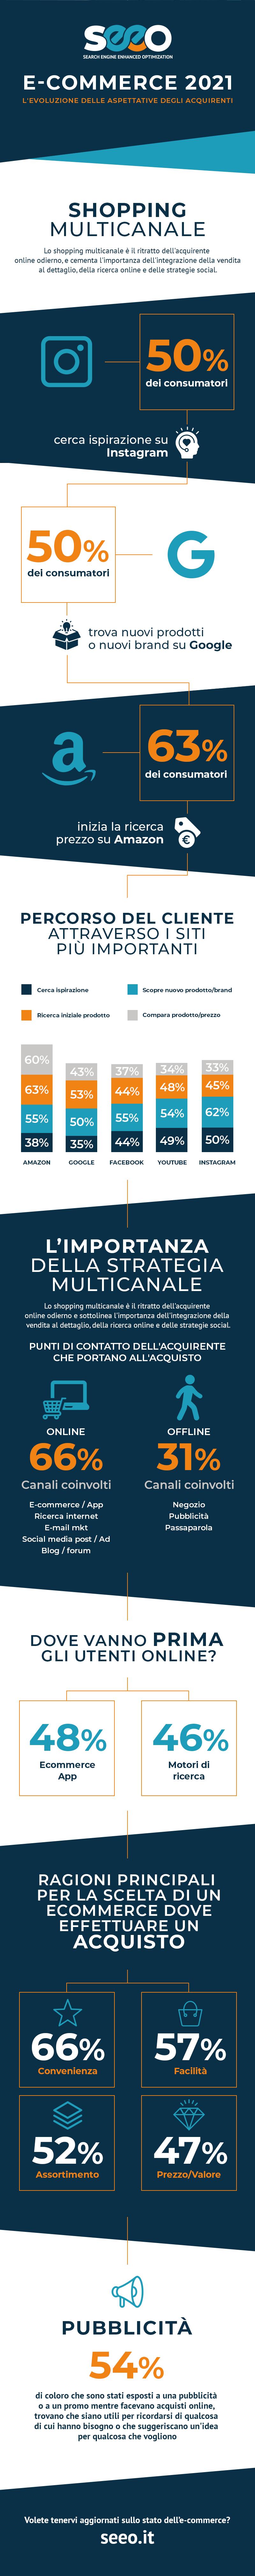 strategia multicanale infografica 2021